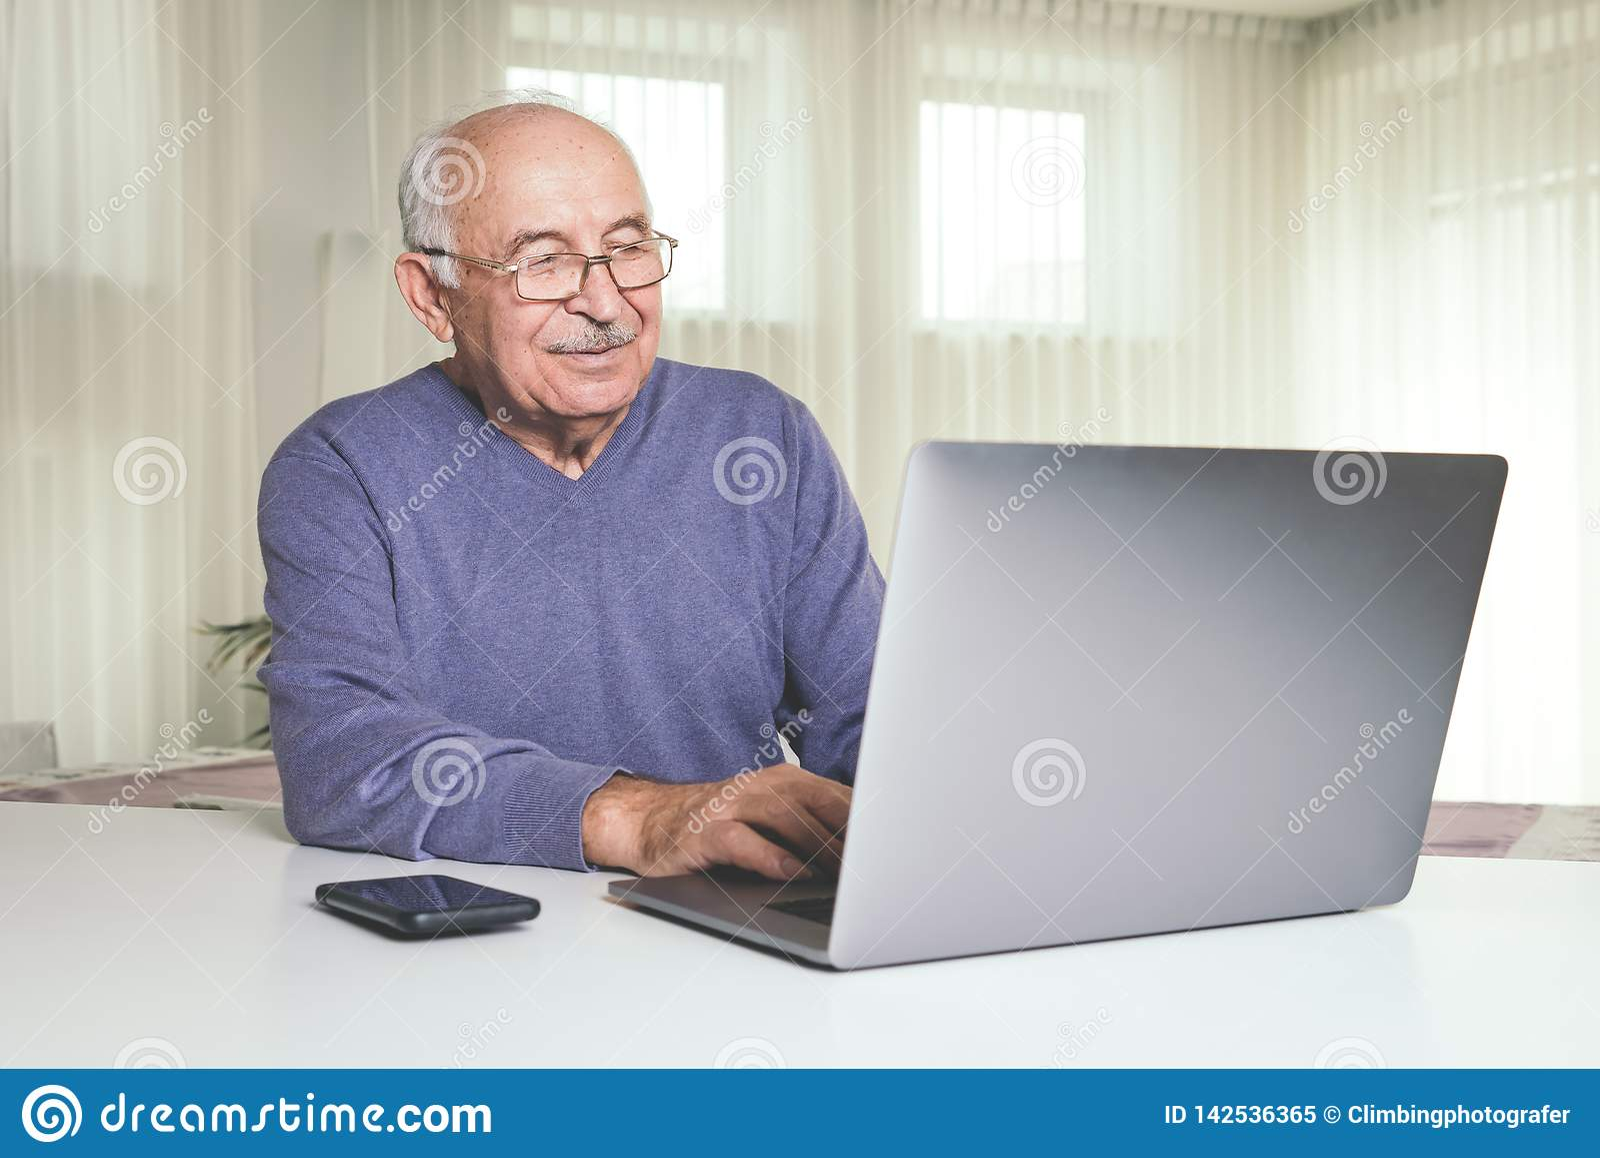 使用电脑技术的退休的人在家